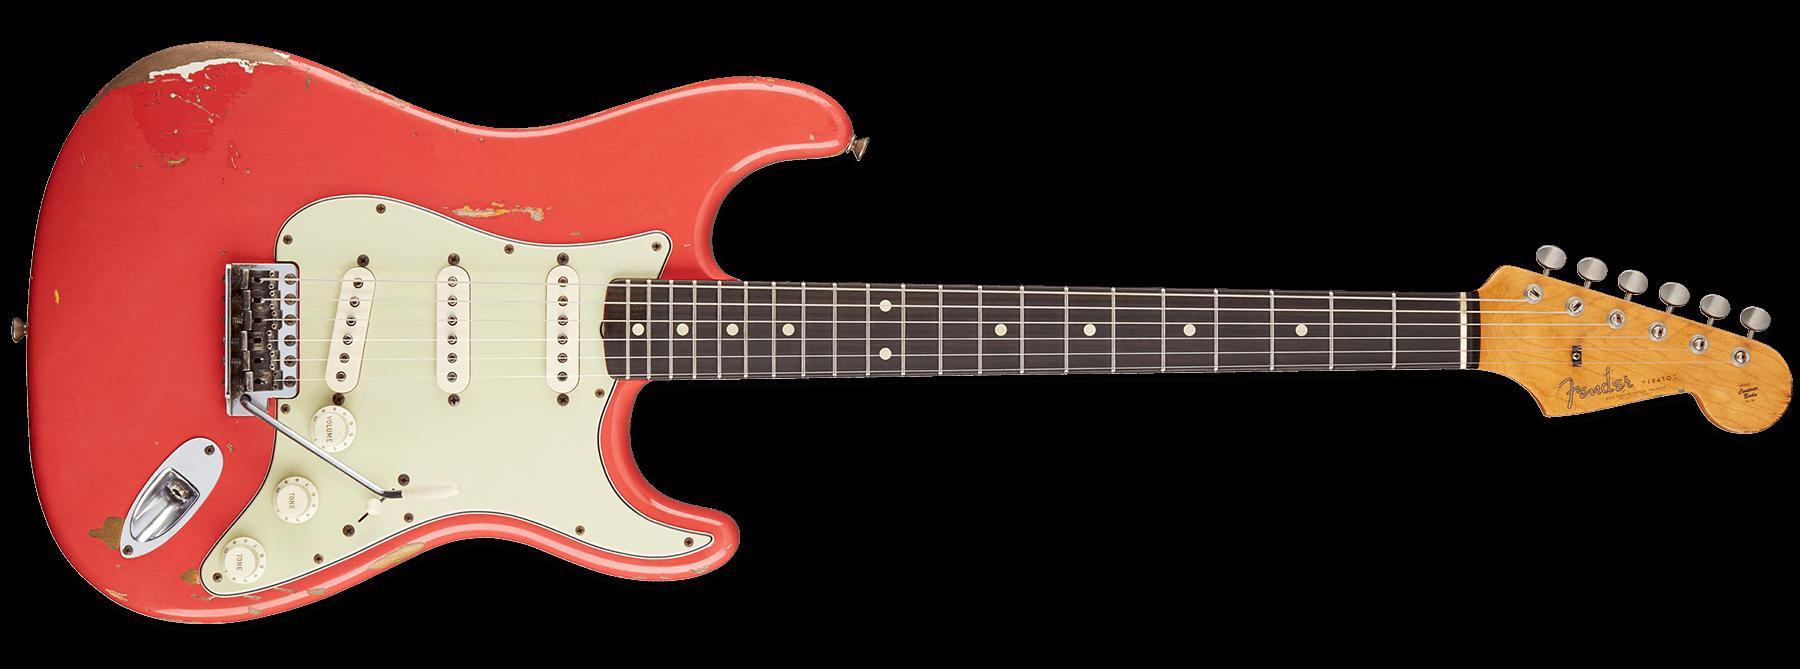 Fender Custom Shop Gary Moore Stratocaster